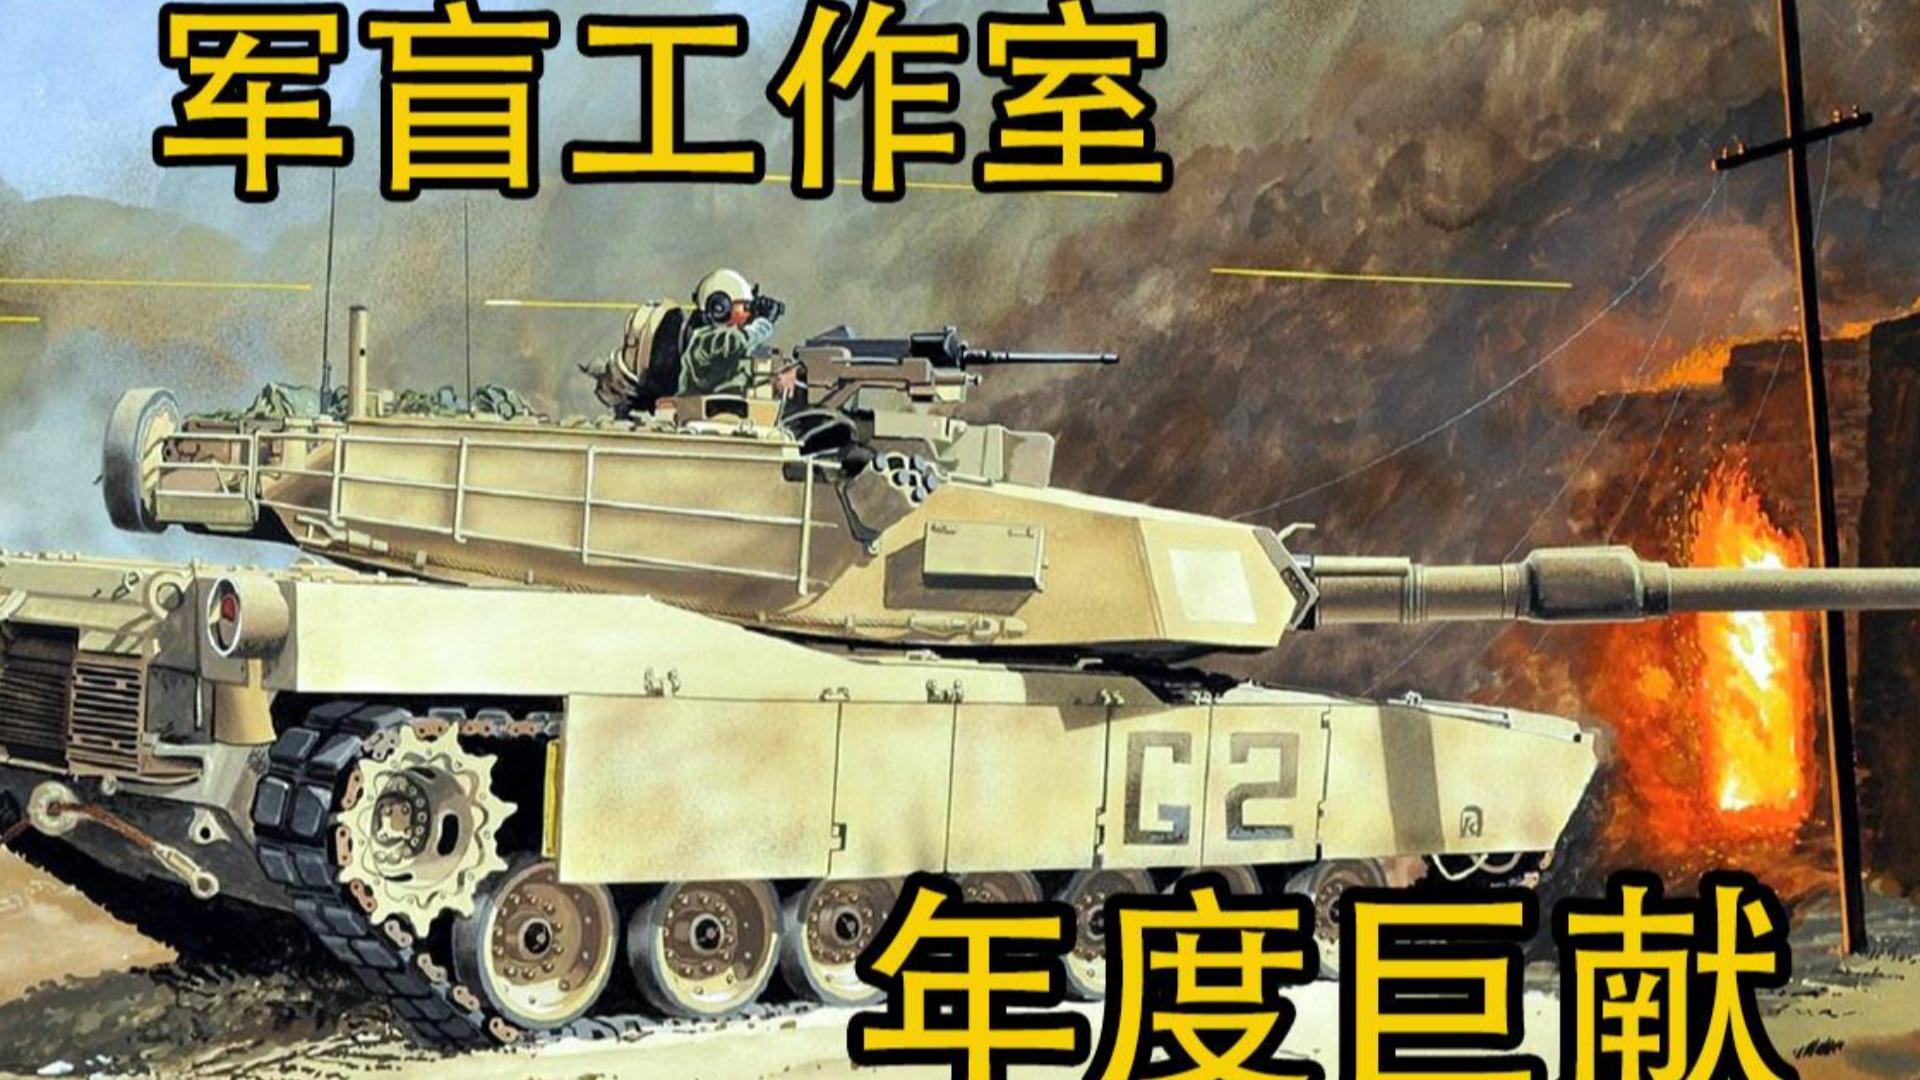 有限解决方案——M1艾布兰战车早期项目小史